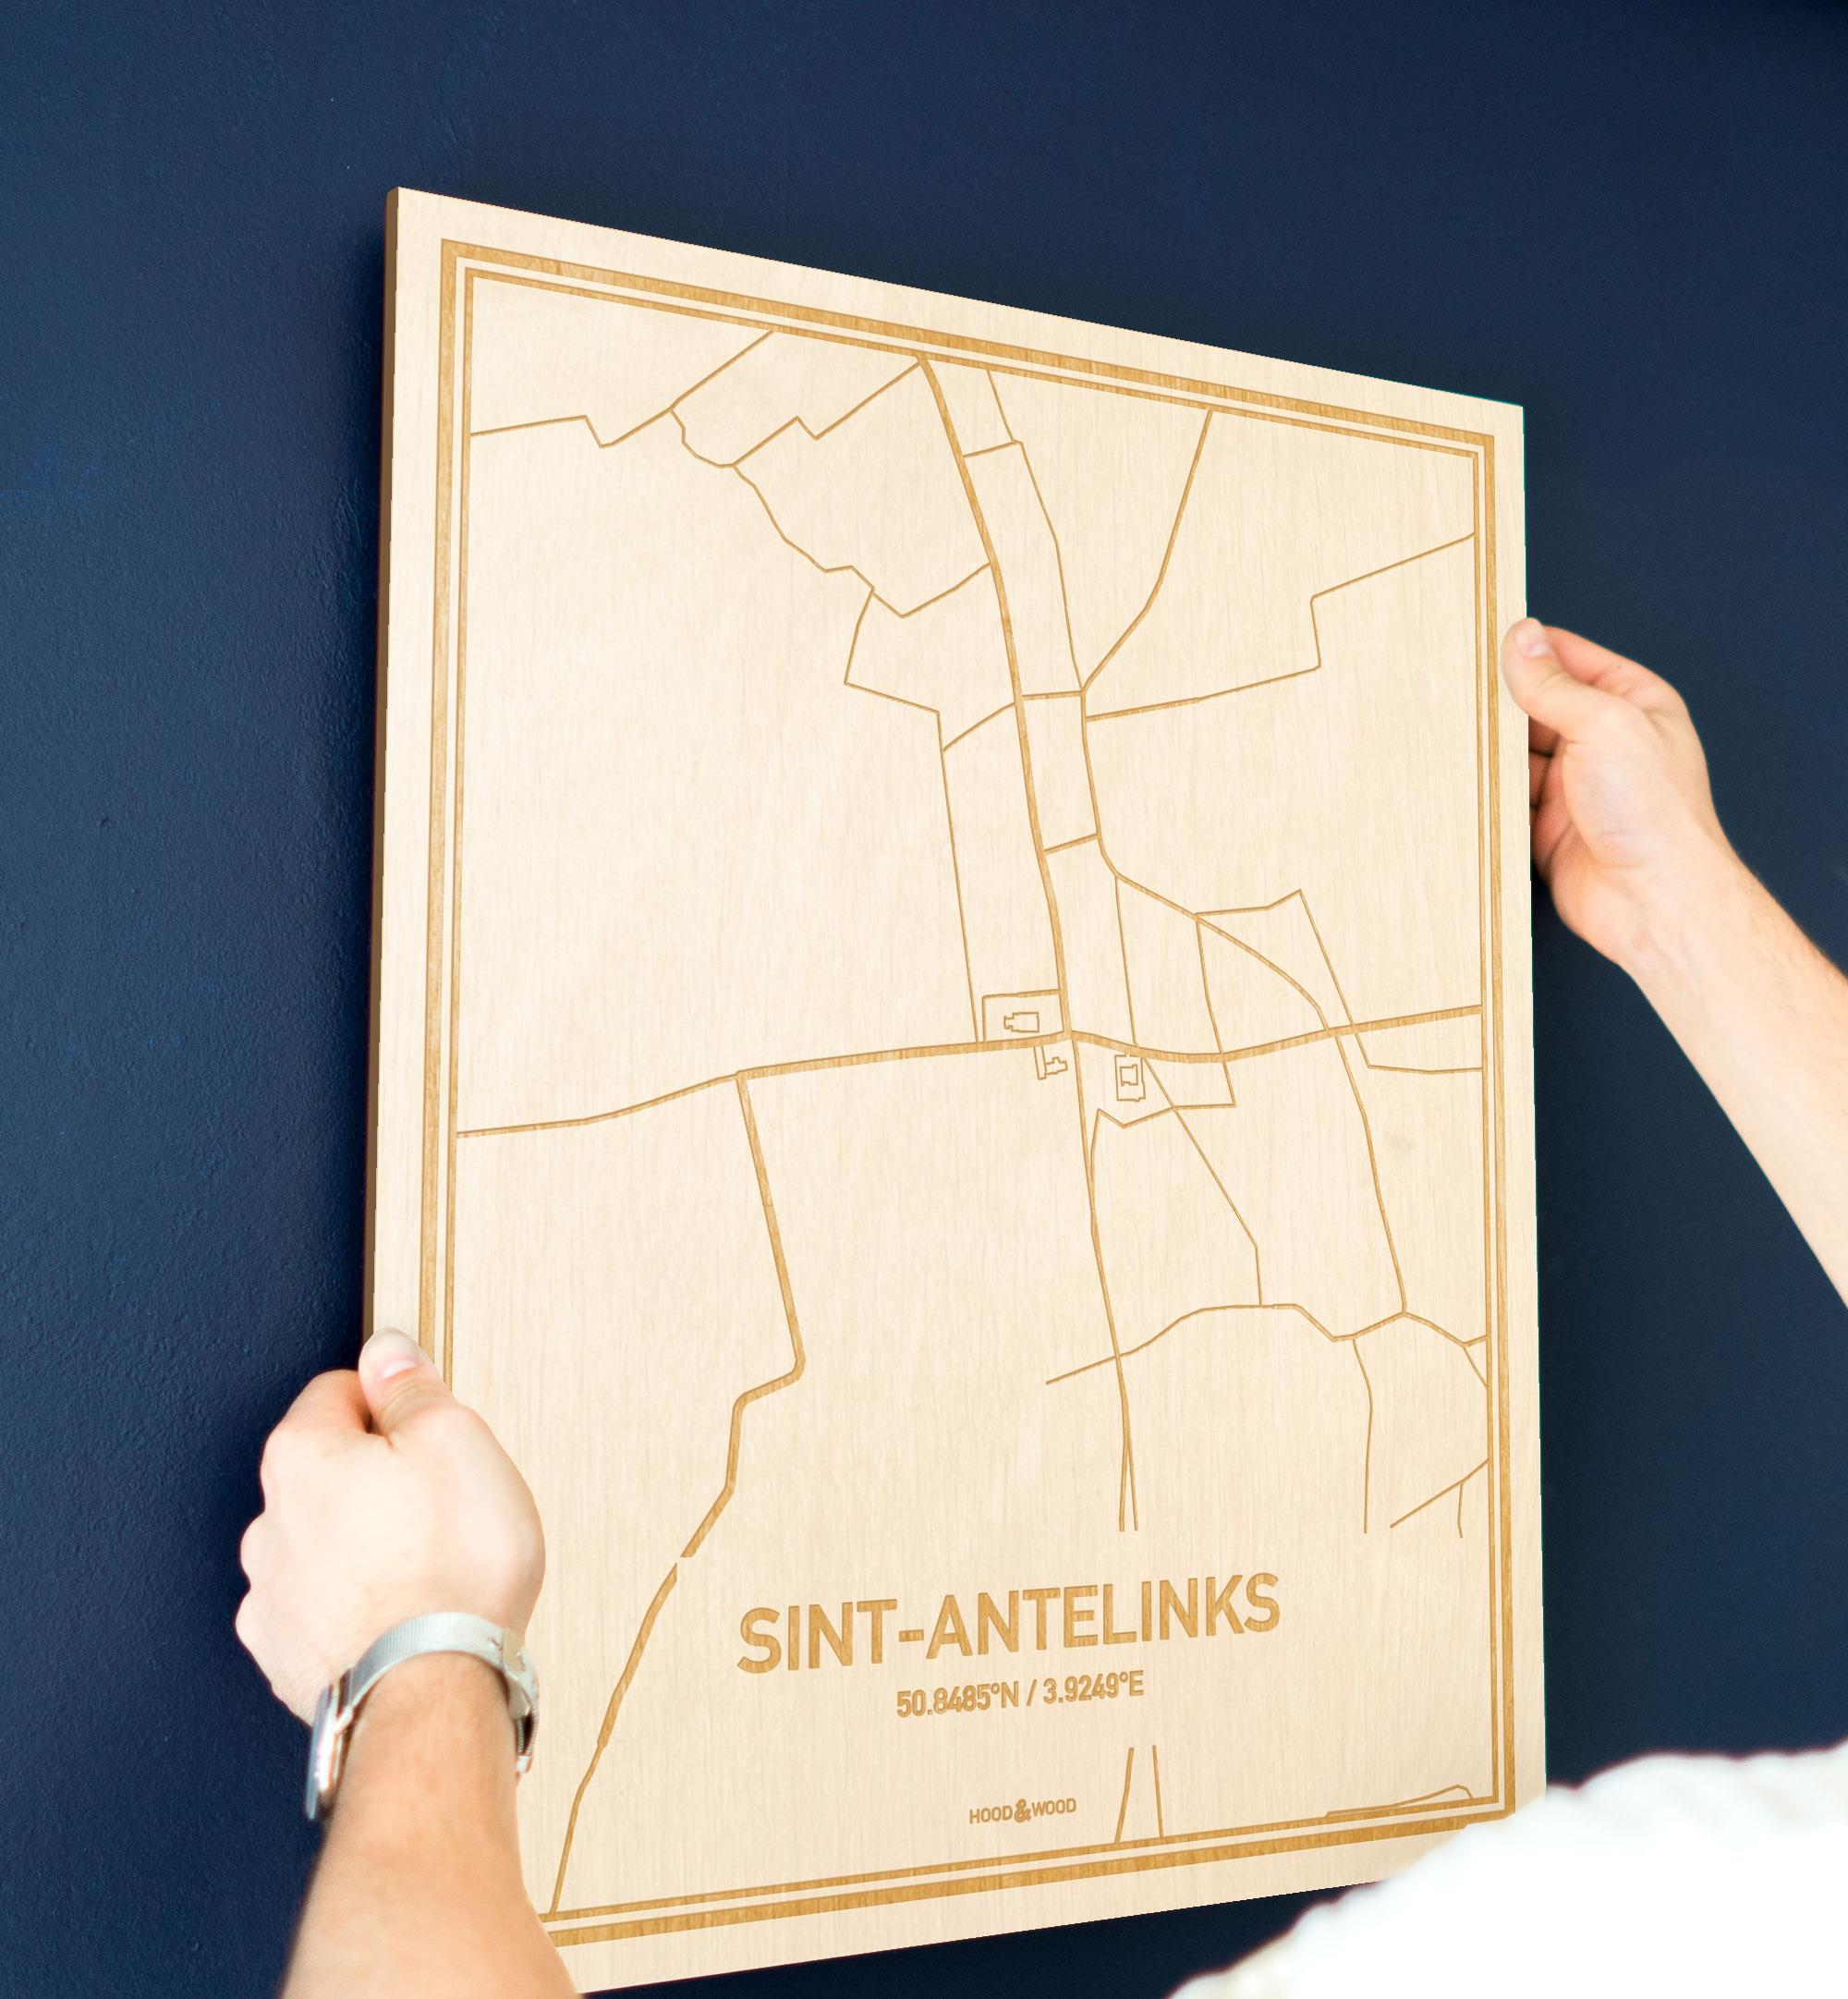 Een man hangt de houten plattegrond Sint-Antelinks aan zijn blauwe muur ter decoratie. Je ziet alleen zijn handen de kaart van deze schitterende in Oost-Vlaanderen  vasthouden.